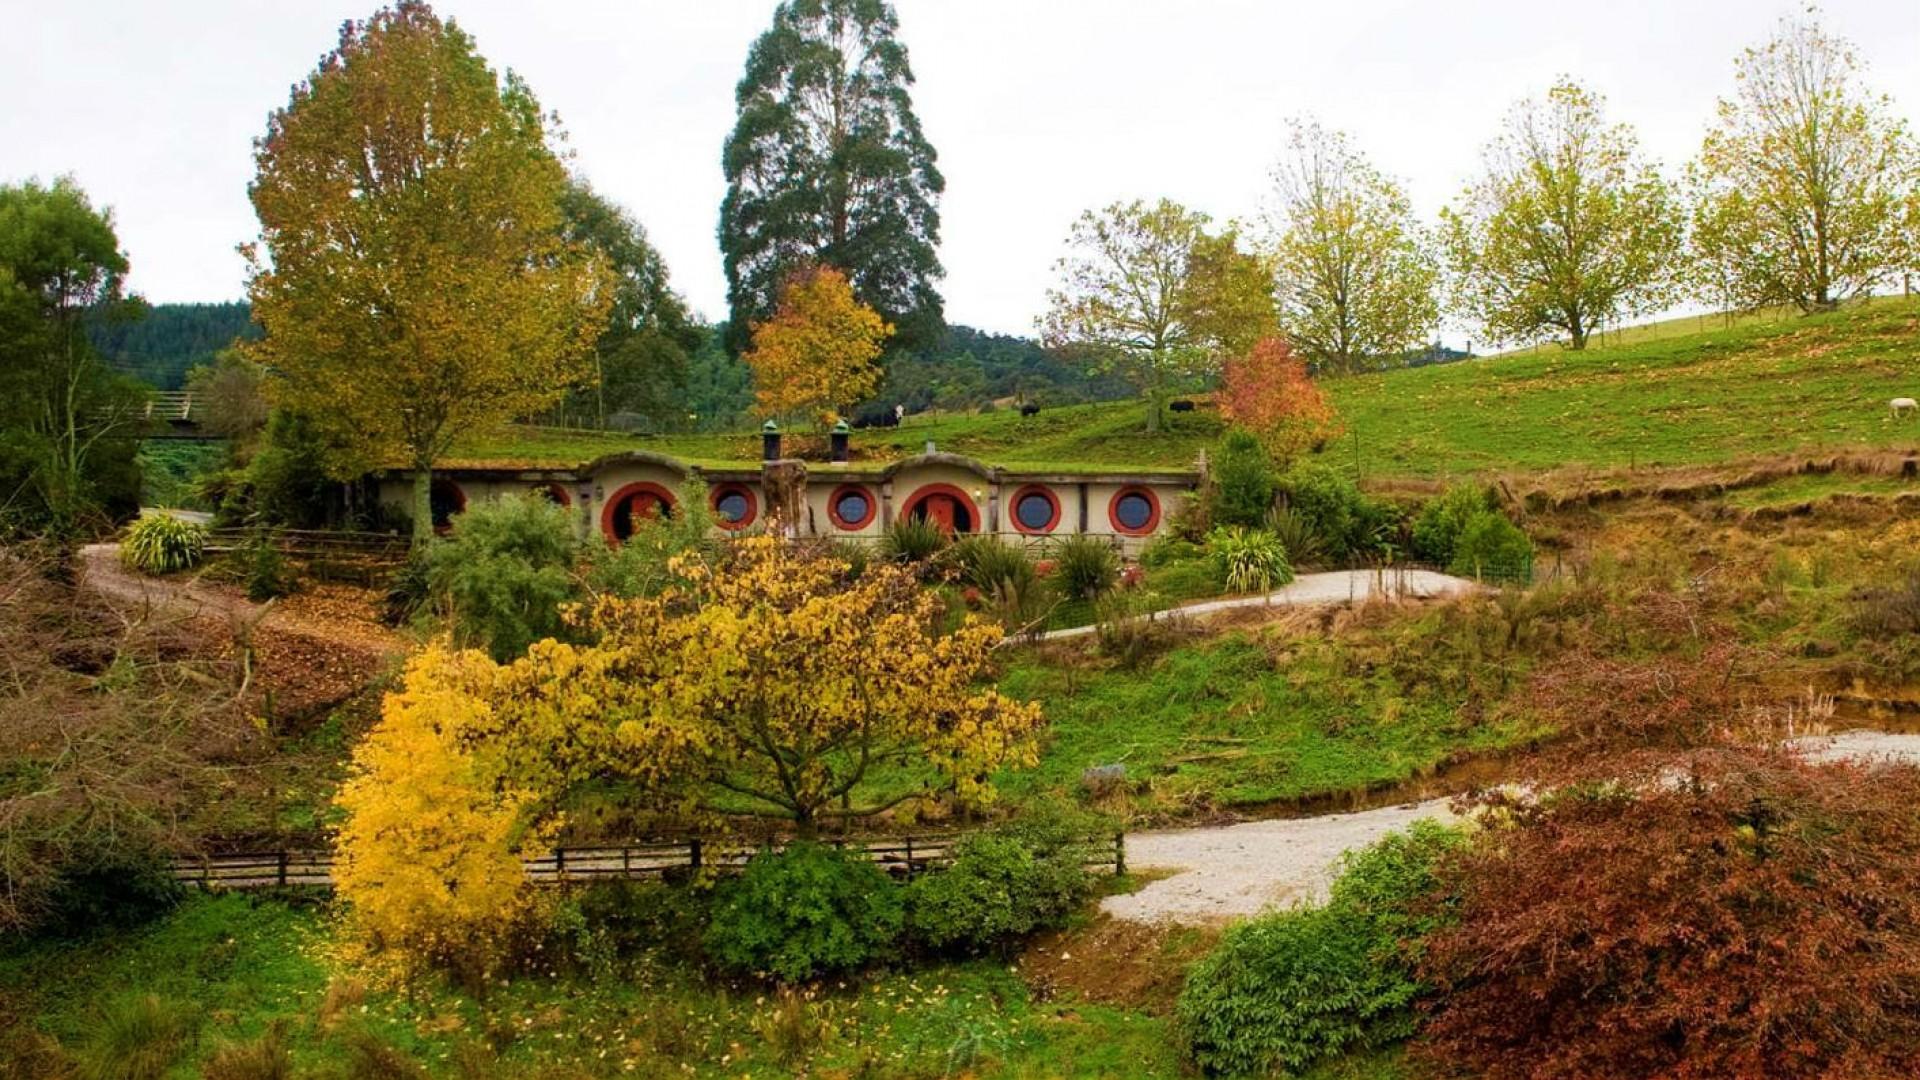 Woodlyn Park, New Zealand